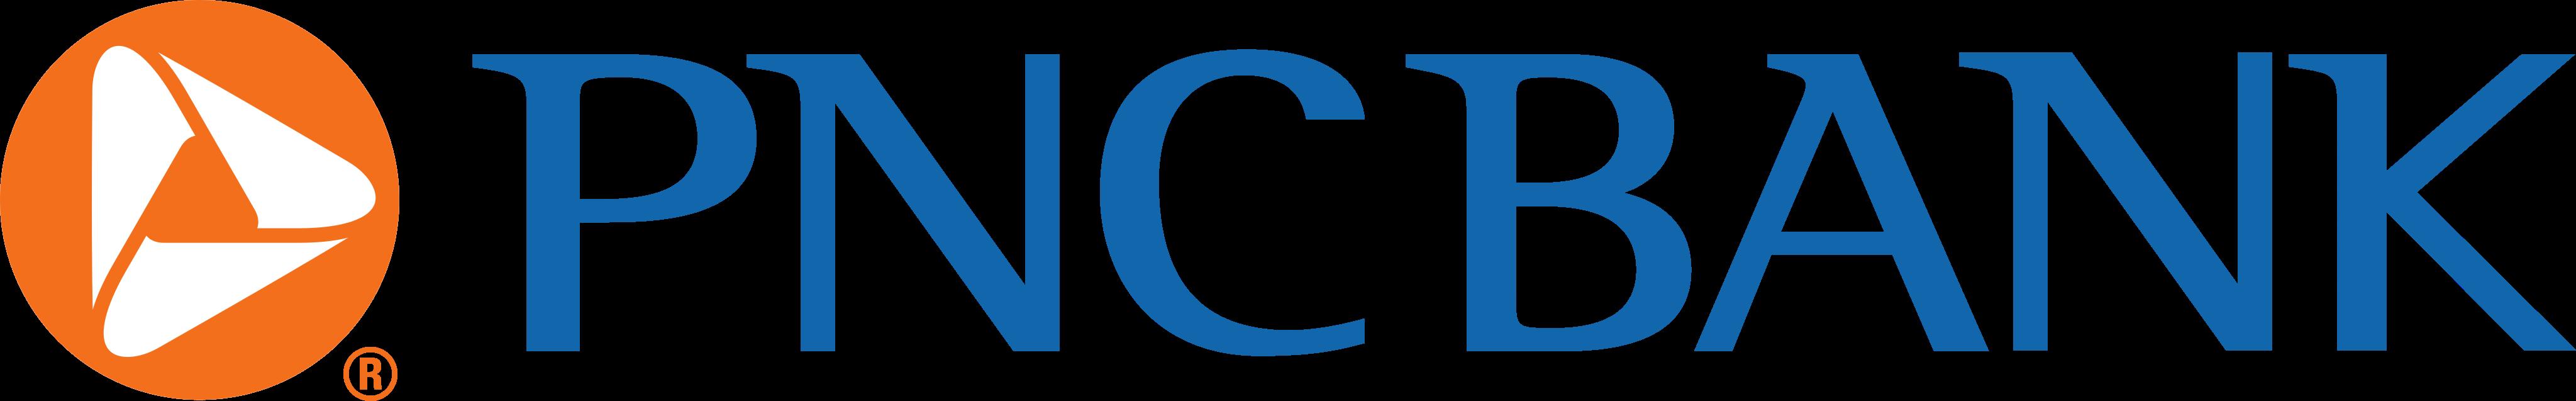 pnc bank logo 1 - PNC Bank Logo